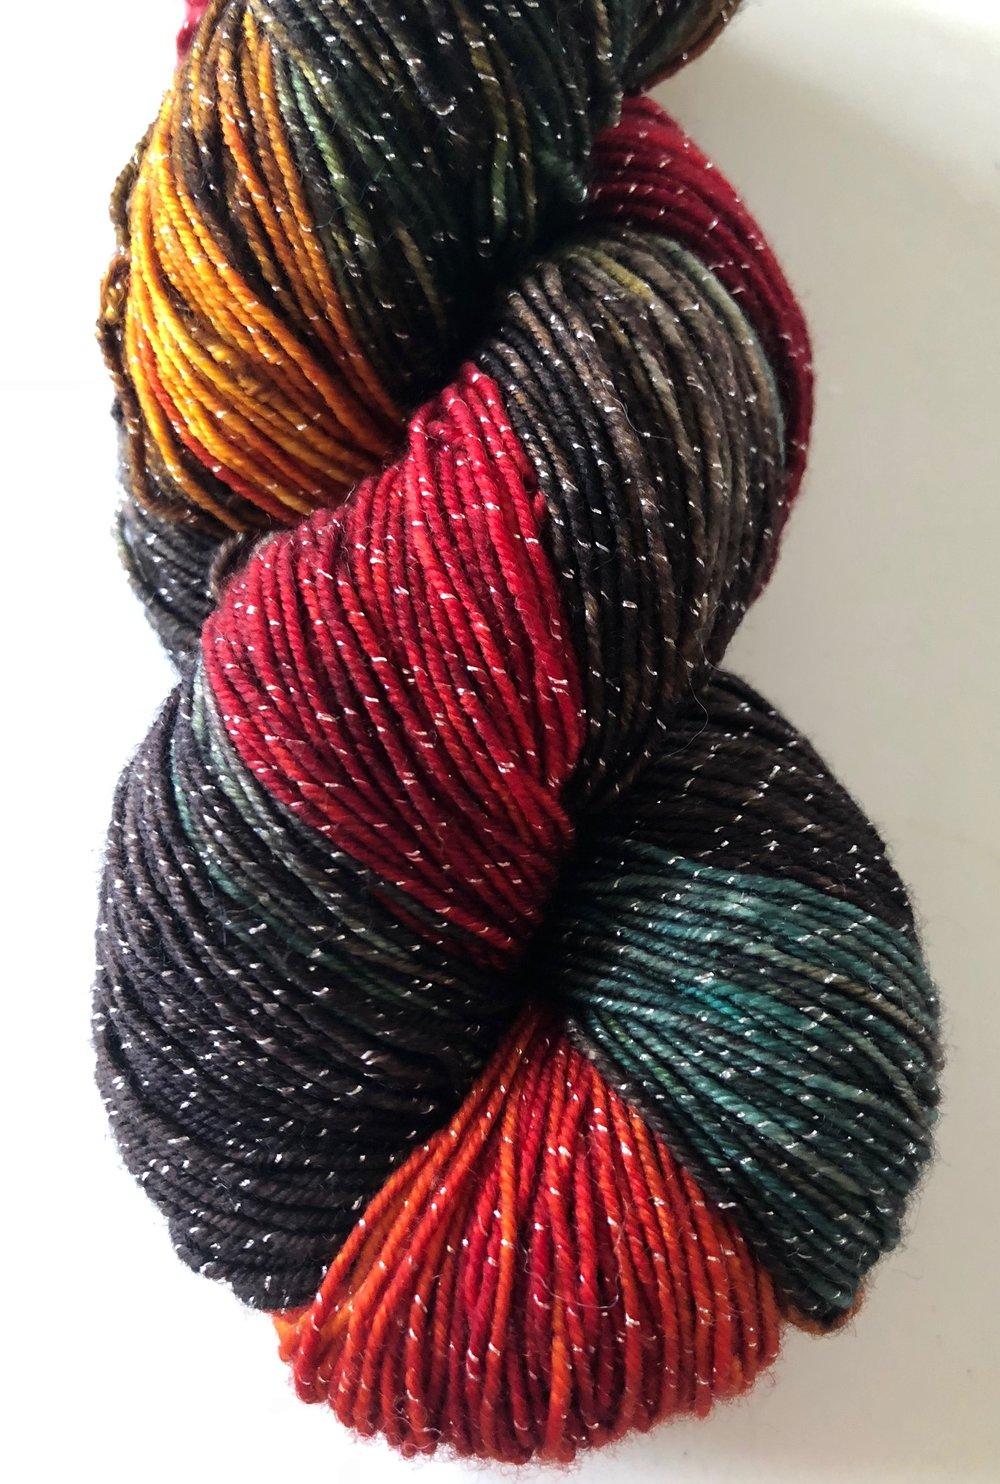 RTS Eros Yak Silk DK Yarn Light Worsted Weight Superwash Merino Wool Silk Yak Yarn Red